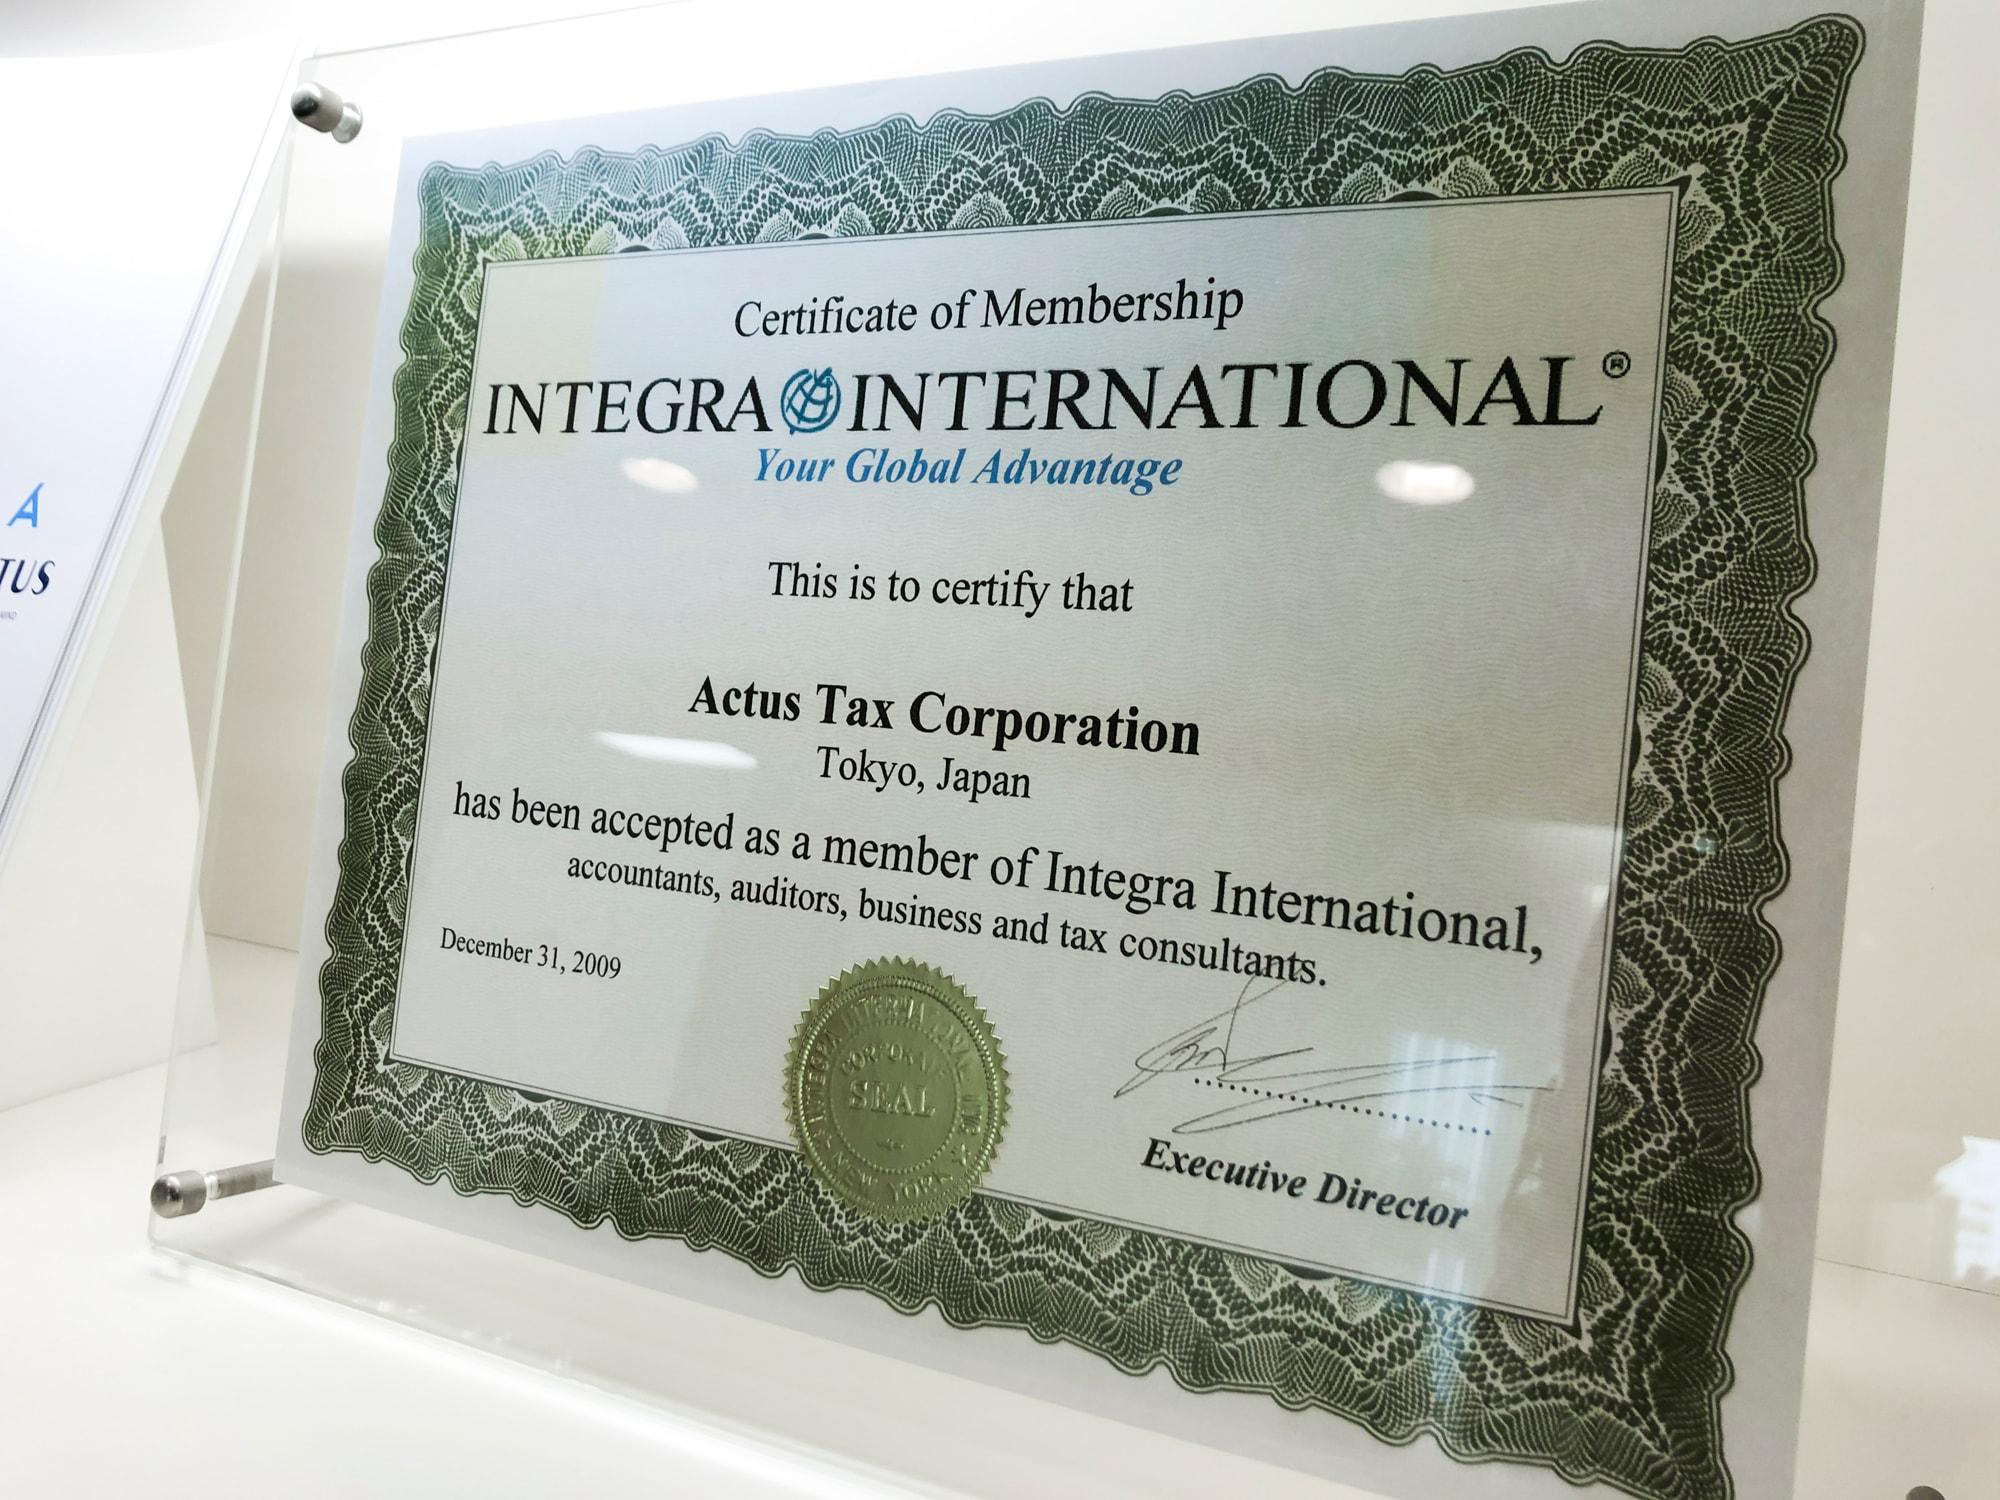 アクタスが所属する世界70カ国130事務所にわたる税務・会計のプロフェッショナルネットワーク「Integra International」の会員証。